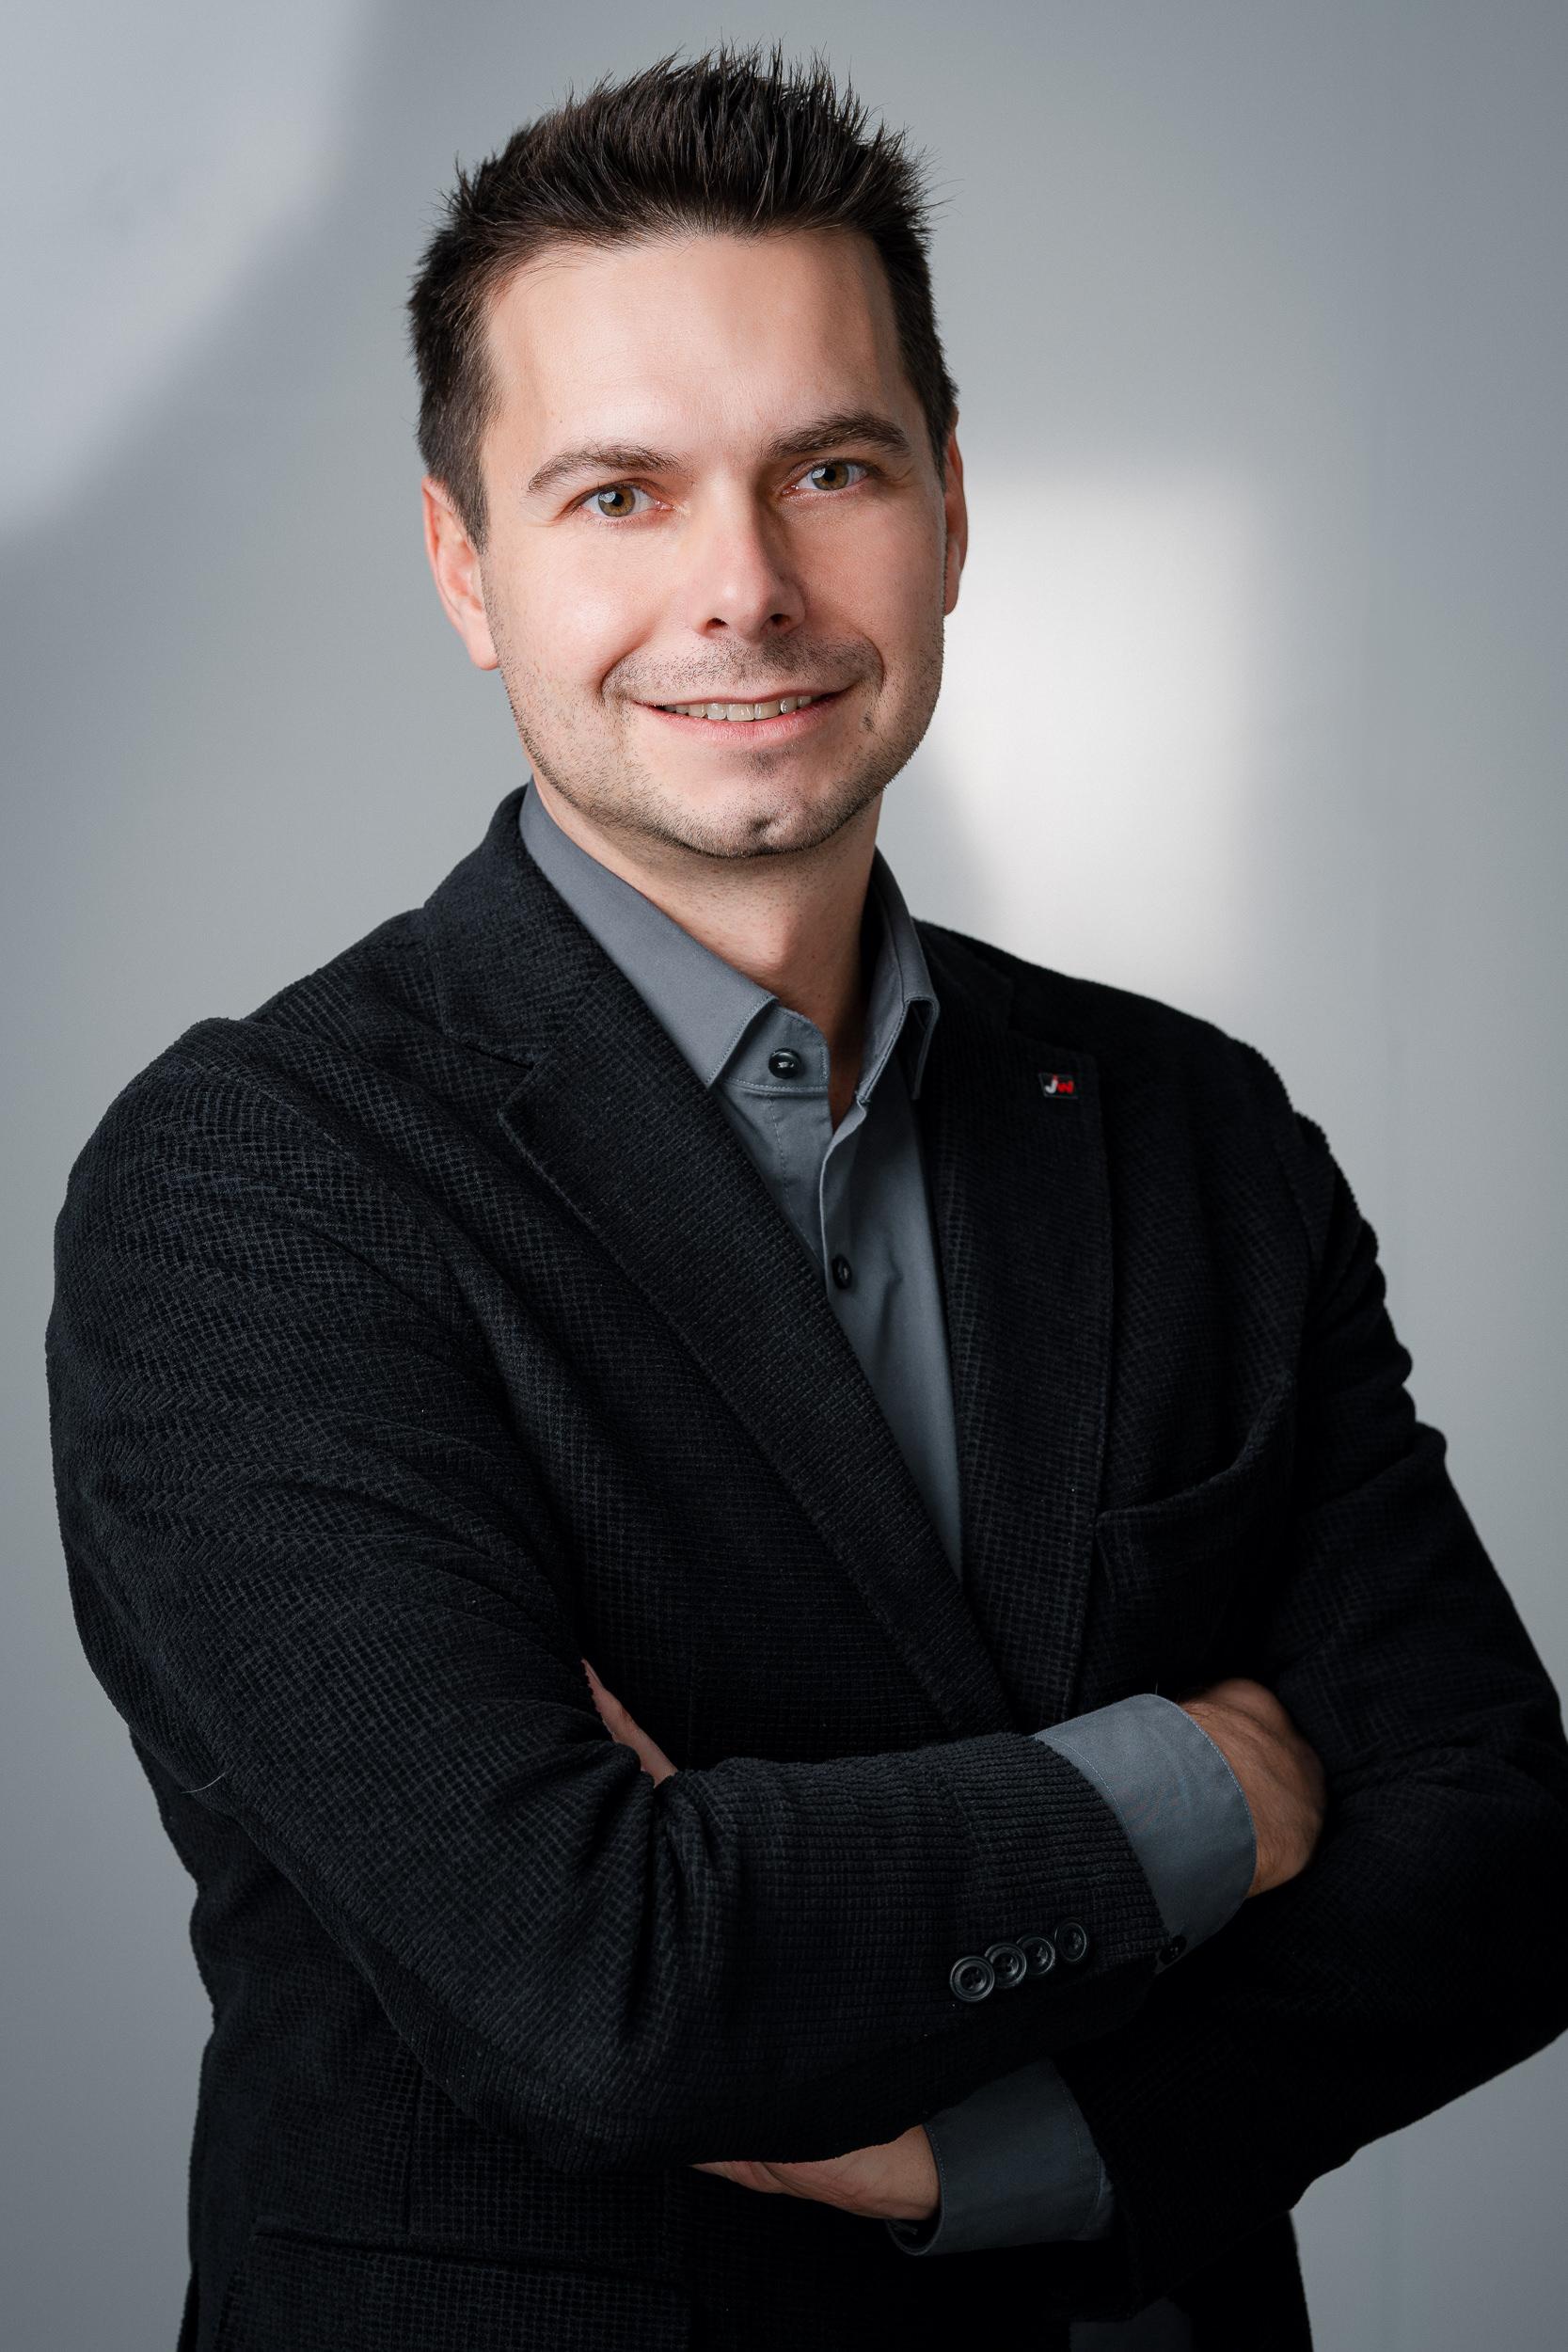 Marc Gfrerer